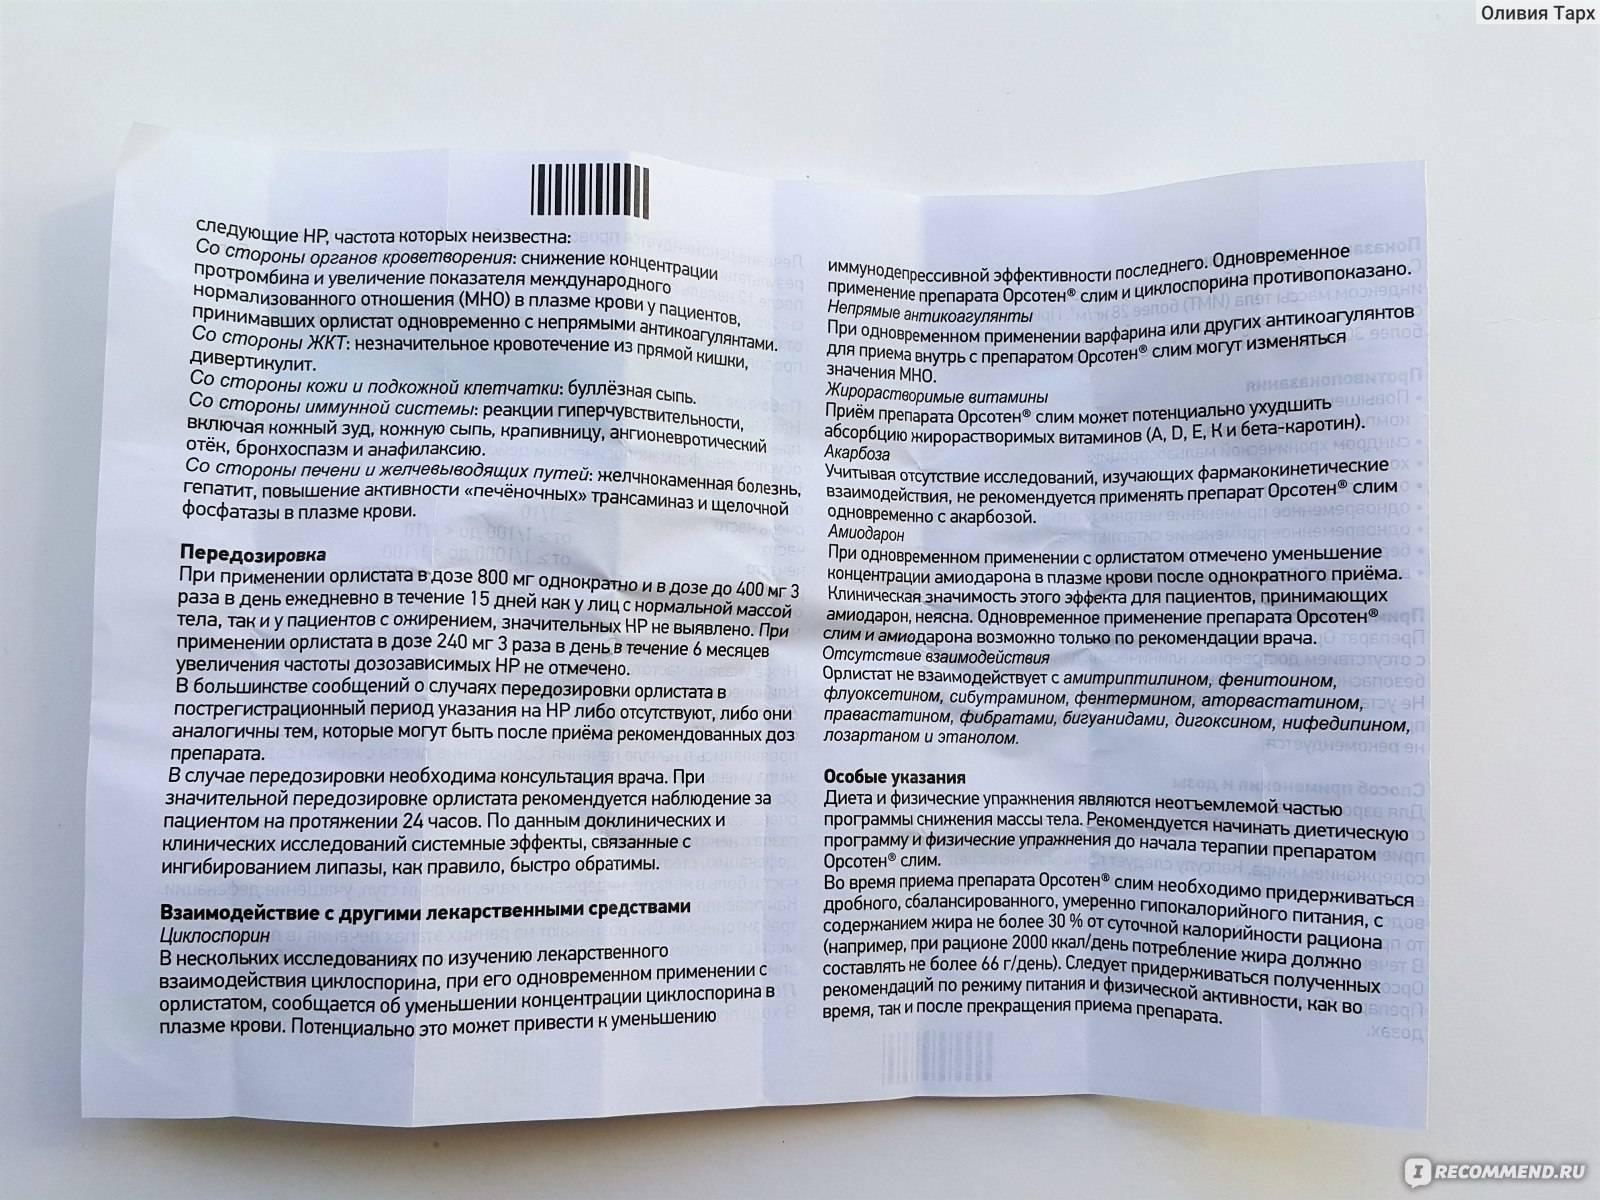 Орлистат акрихин: отзывы худеющих, инструкция по применению, цены